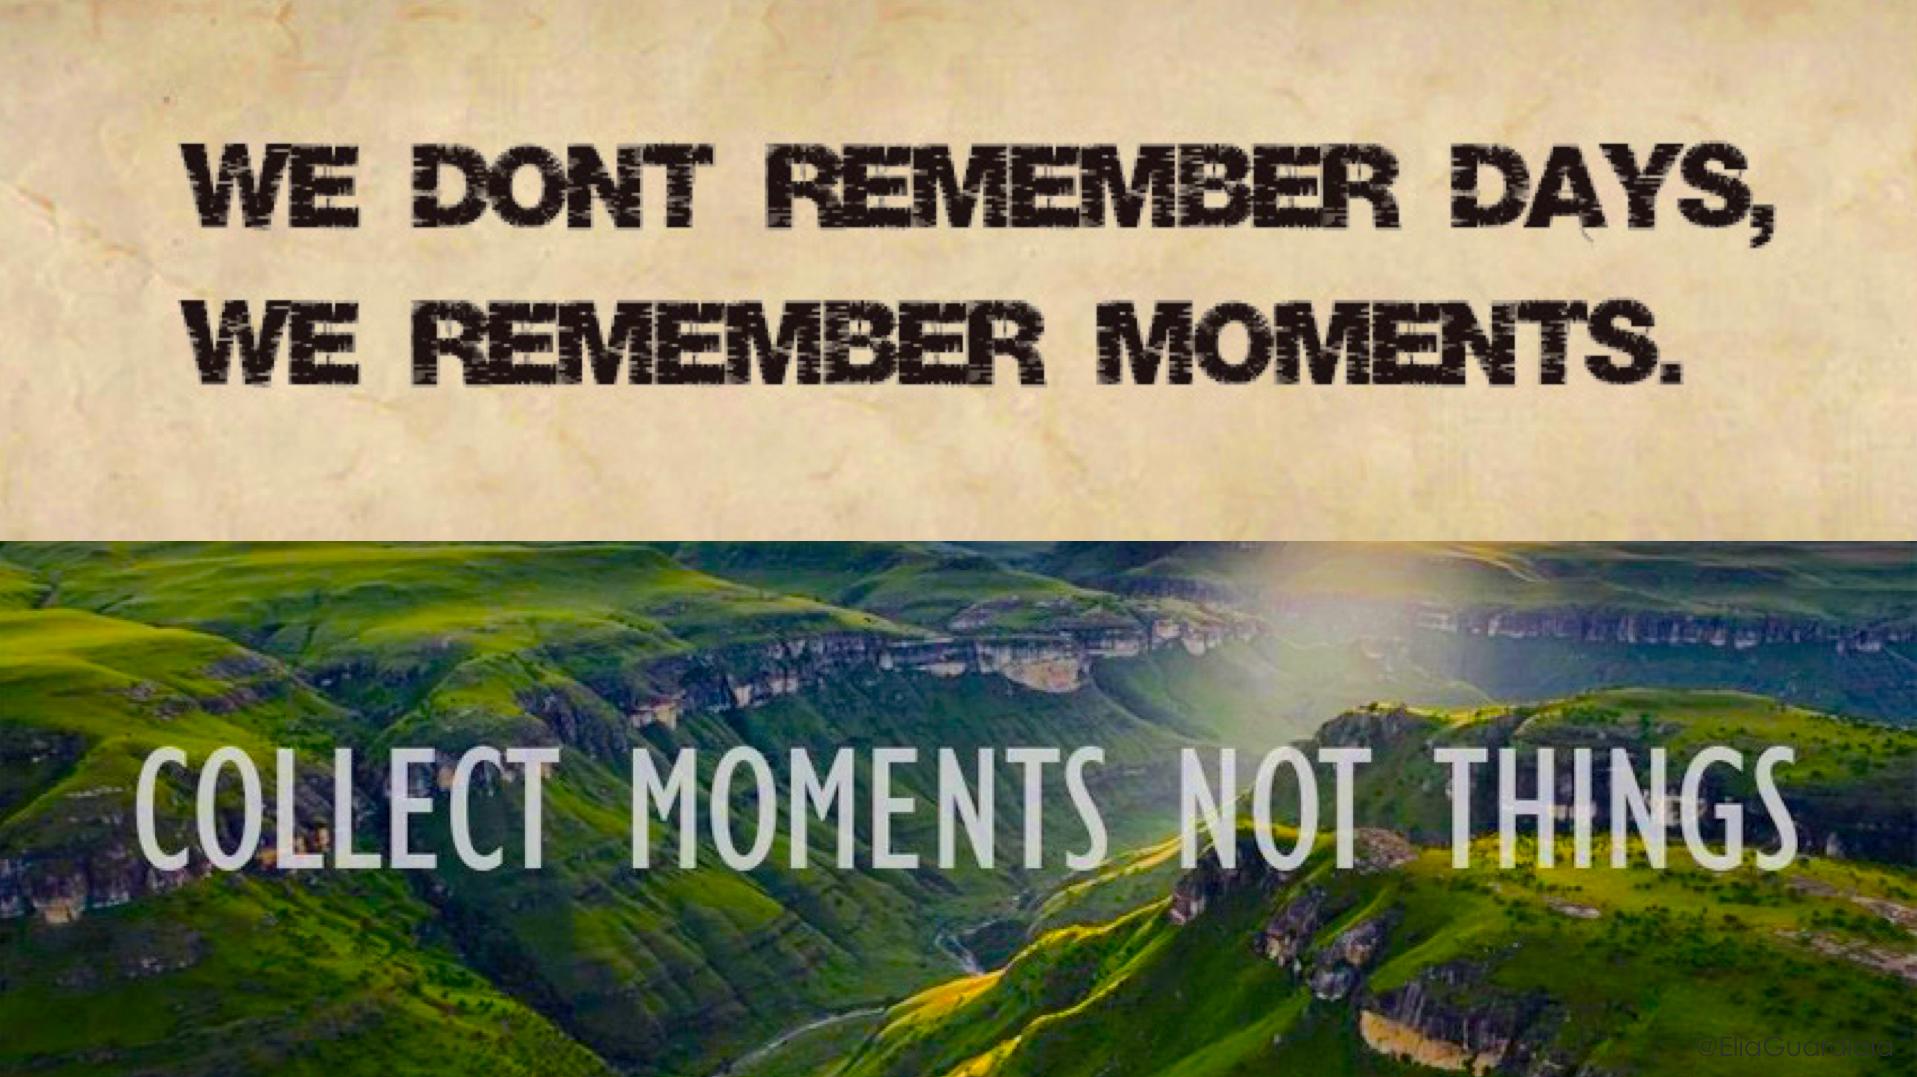 No recordamos días, recordamos momentos. Coleccionamos momentos, no cosas. Elia Guardiola